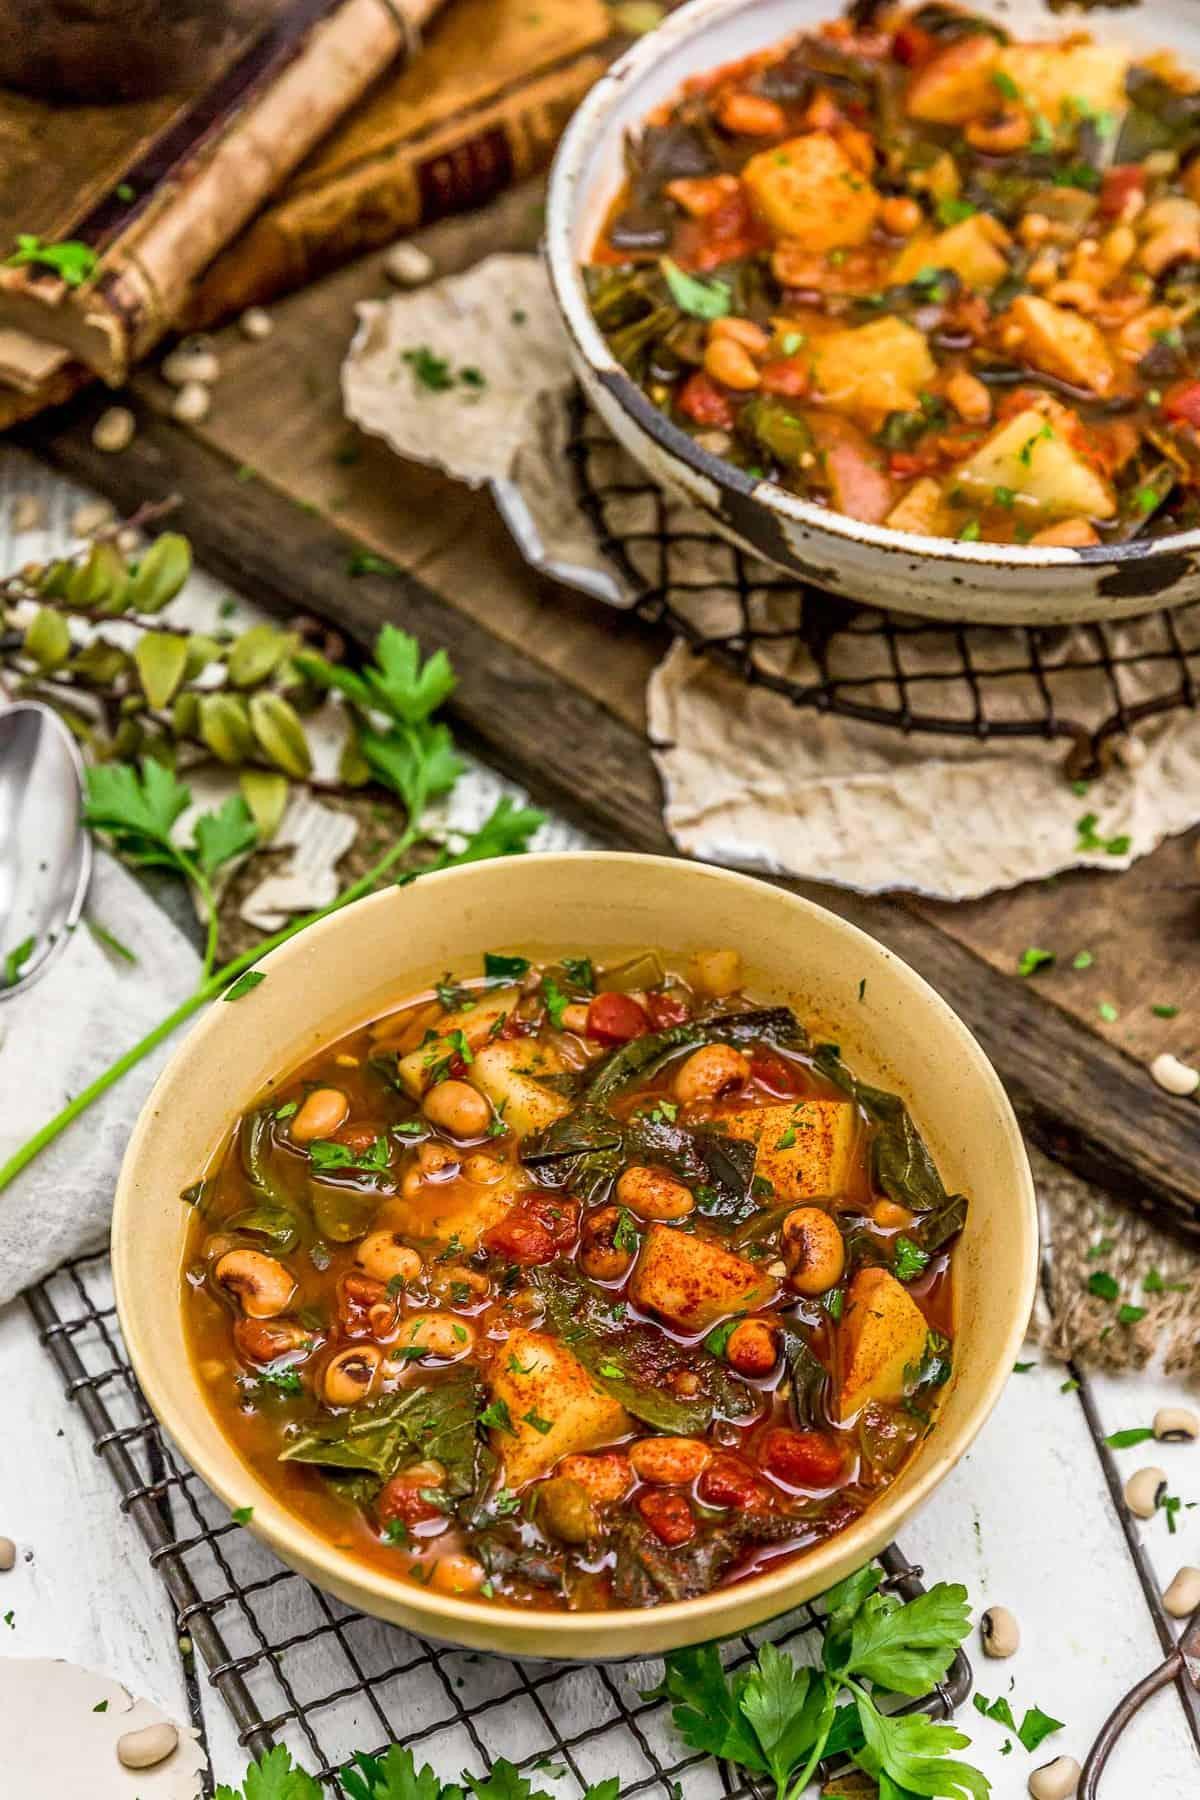 Two bowls of Southern Collard Green Potato Stew